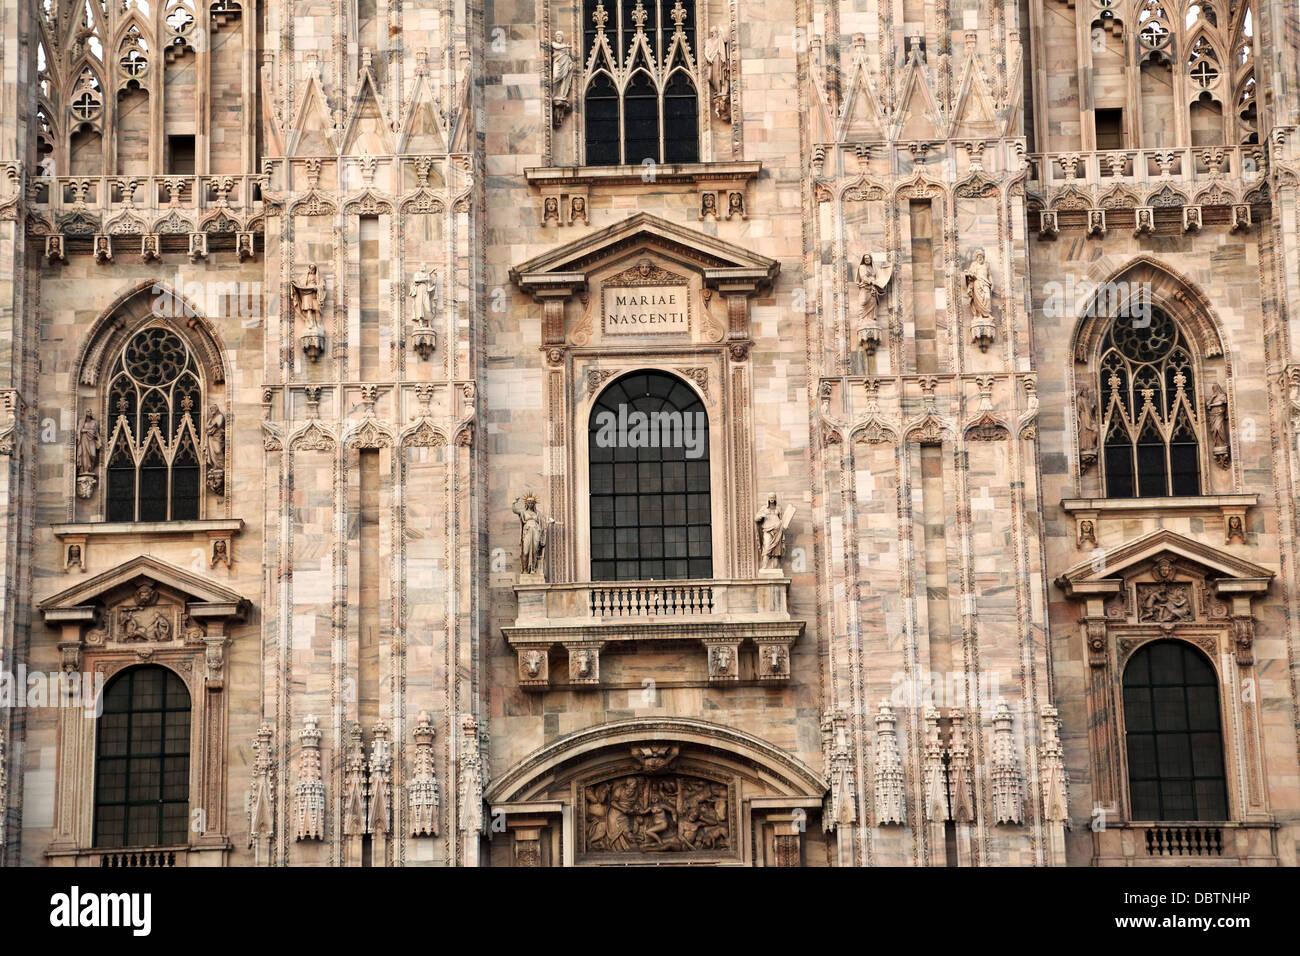 Facade of the Duomo in Milan Italy - Stock Image